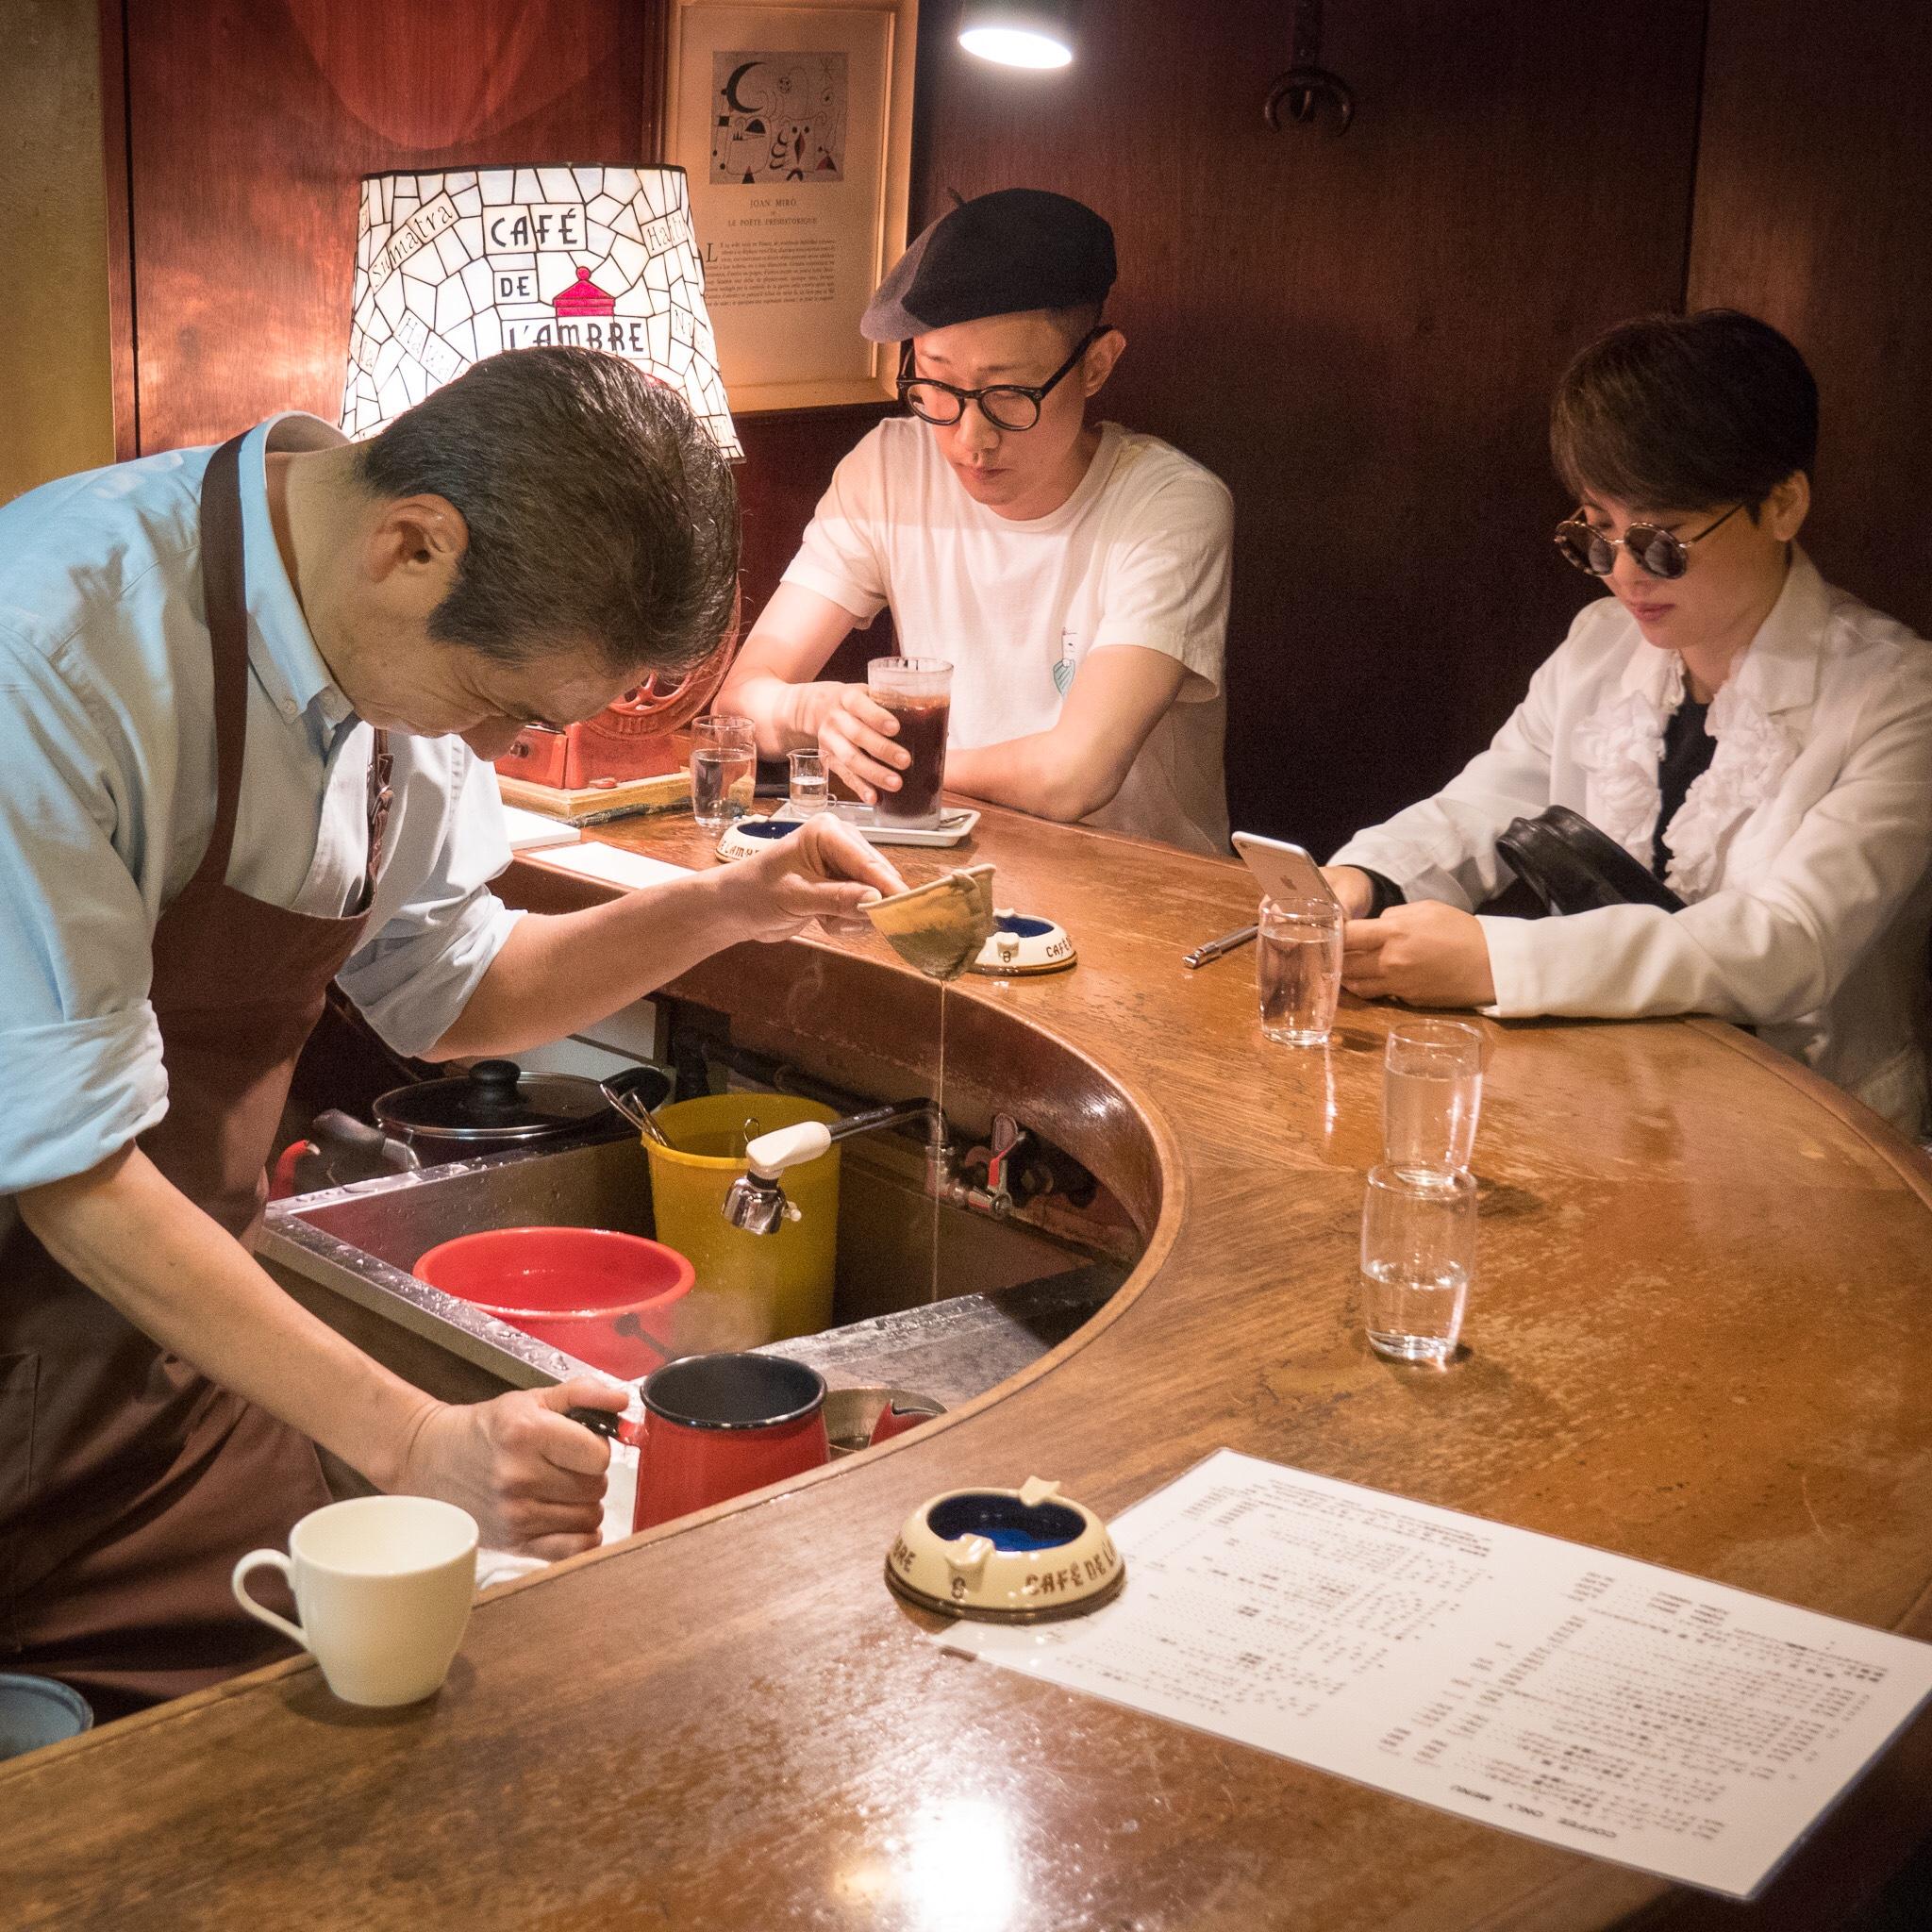 Café de l'Ambre, Tokyo, Japan, 2017